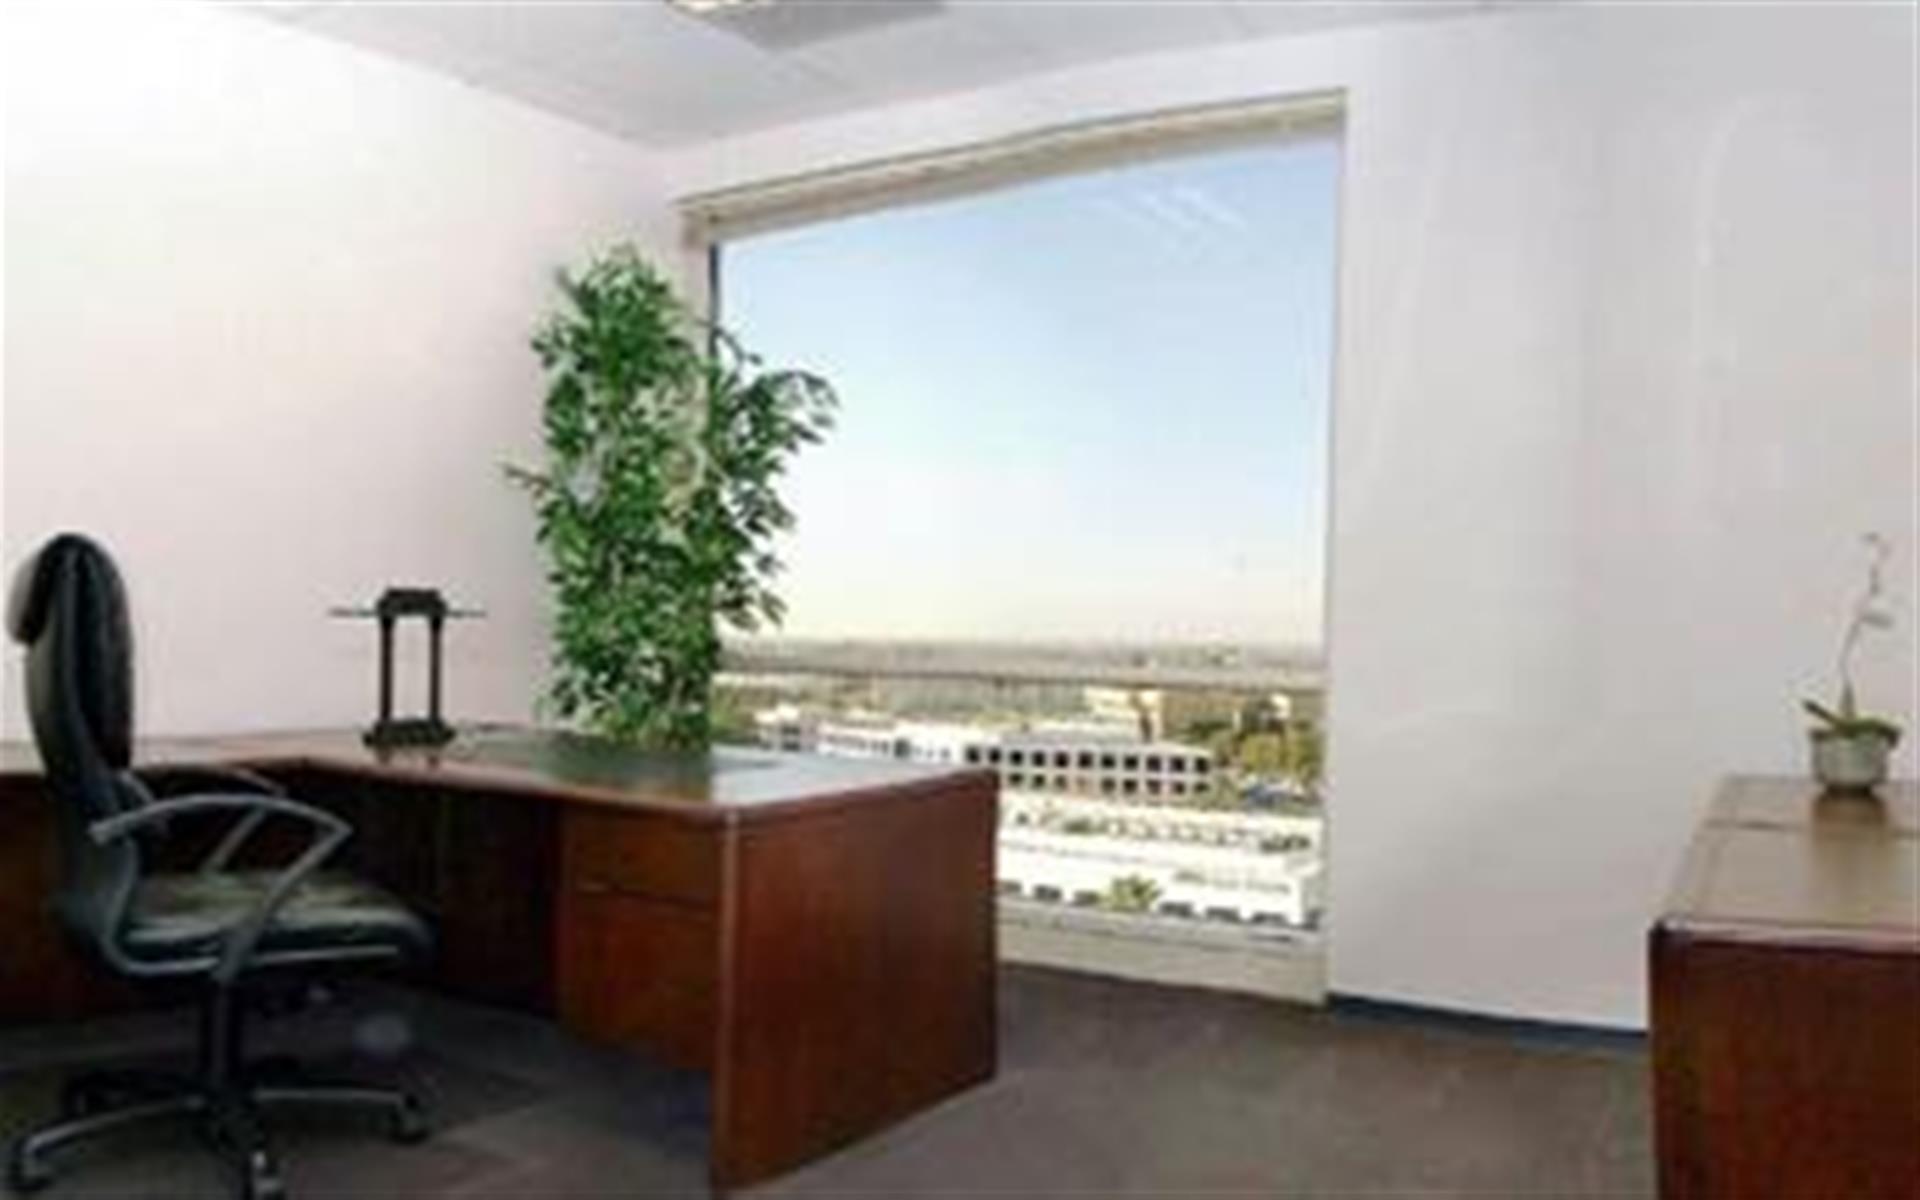 (SPE) Irvine Spectrum - Exterior Office